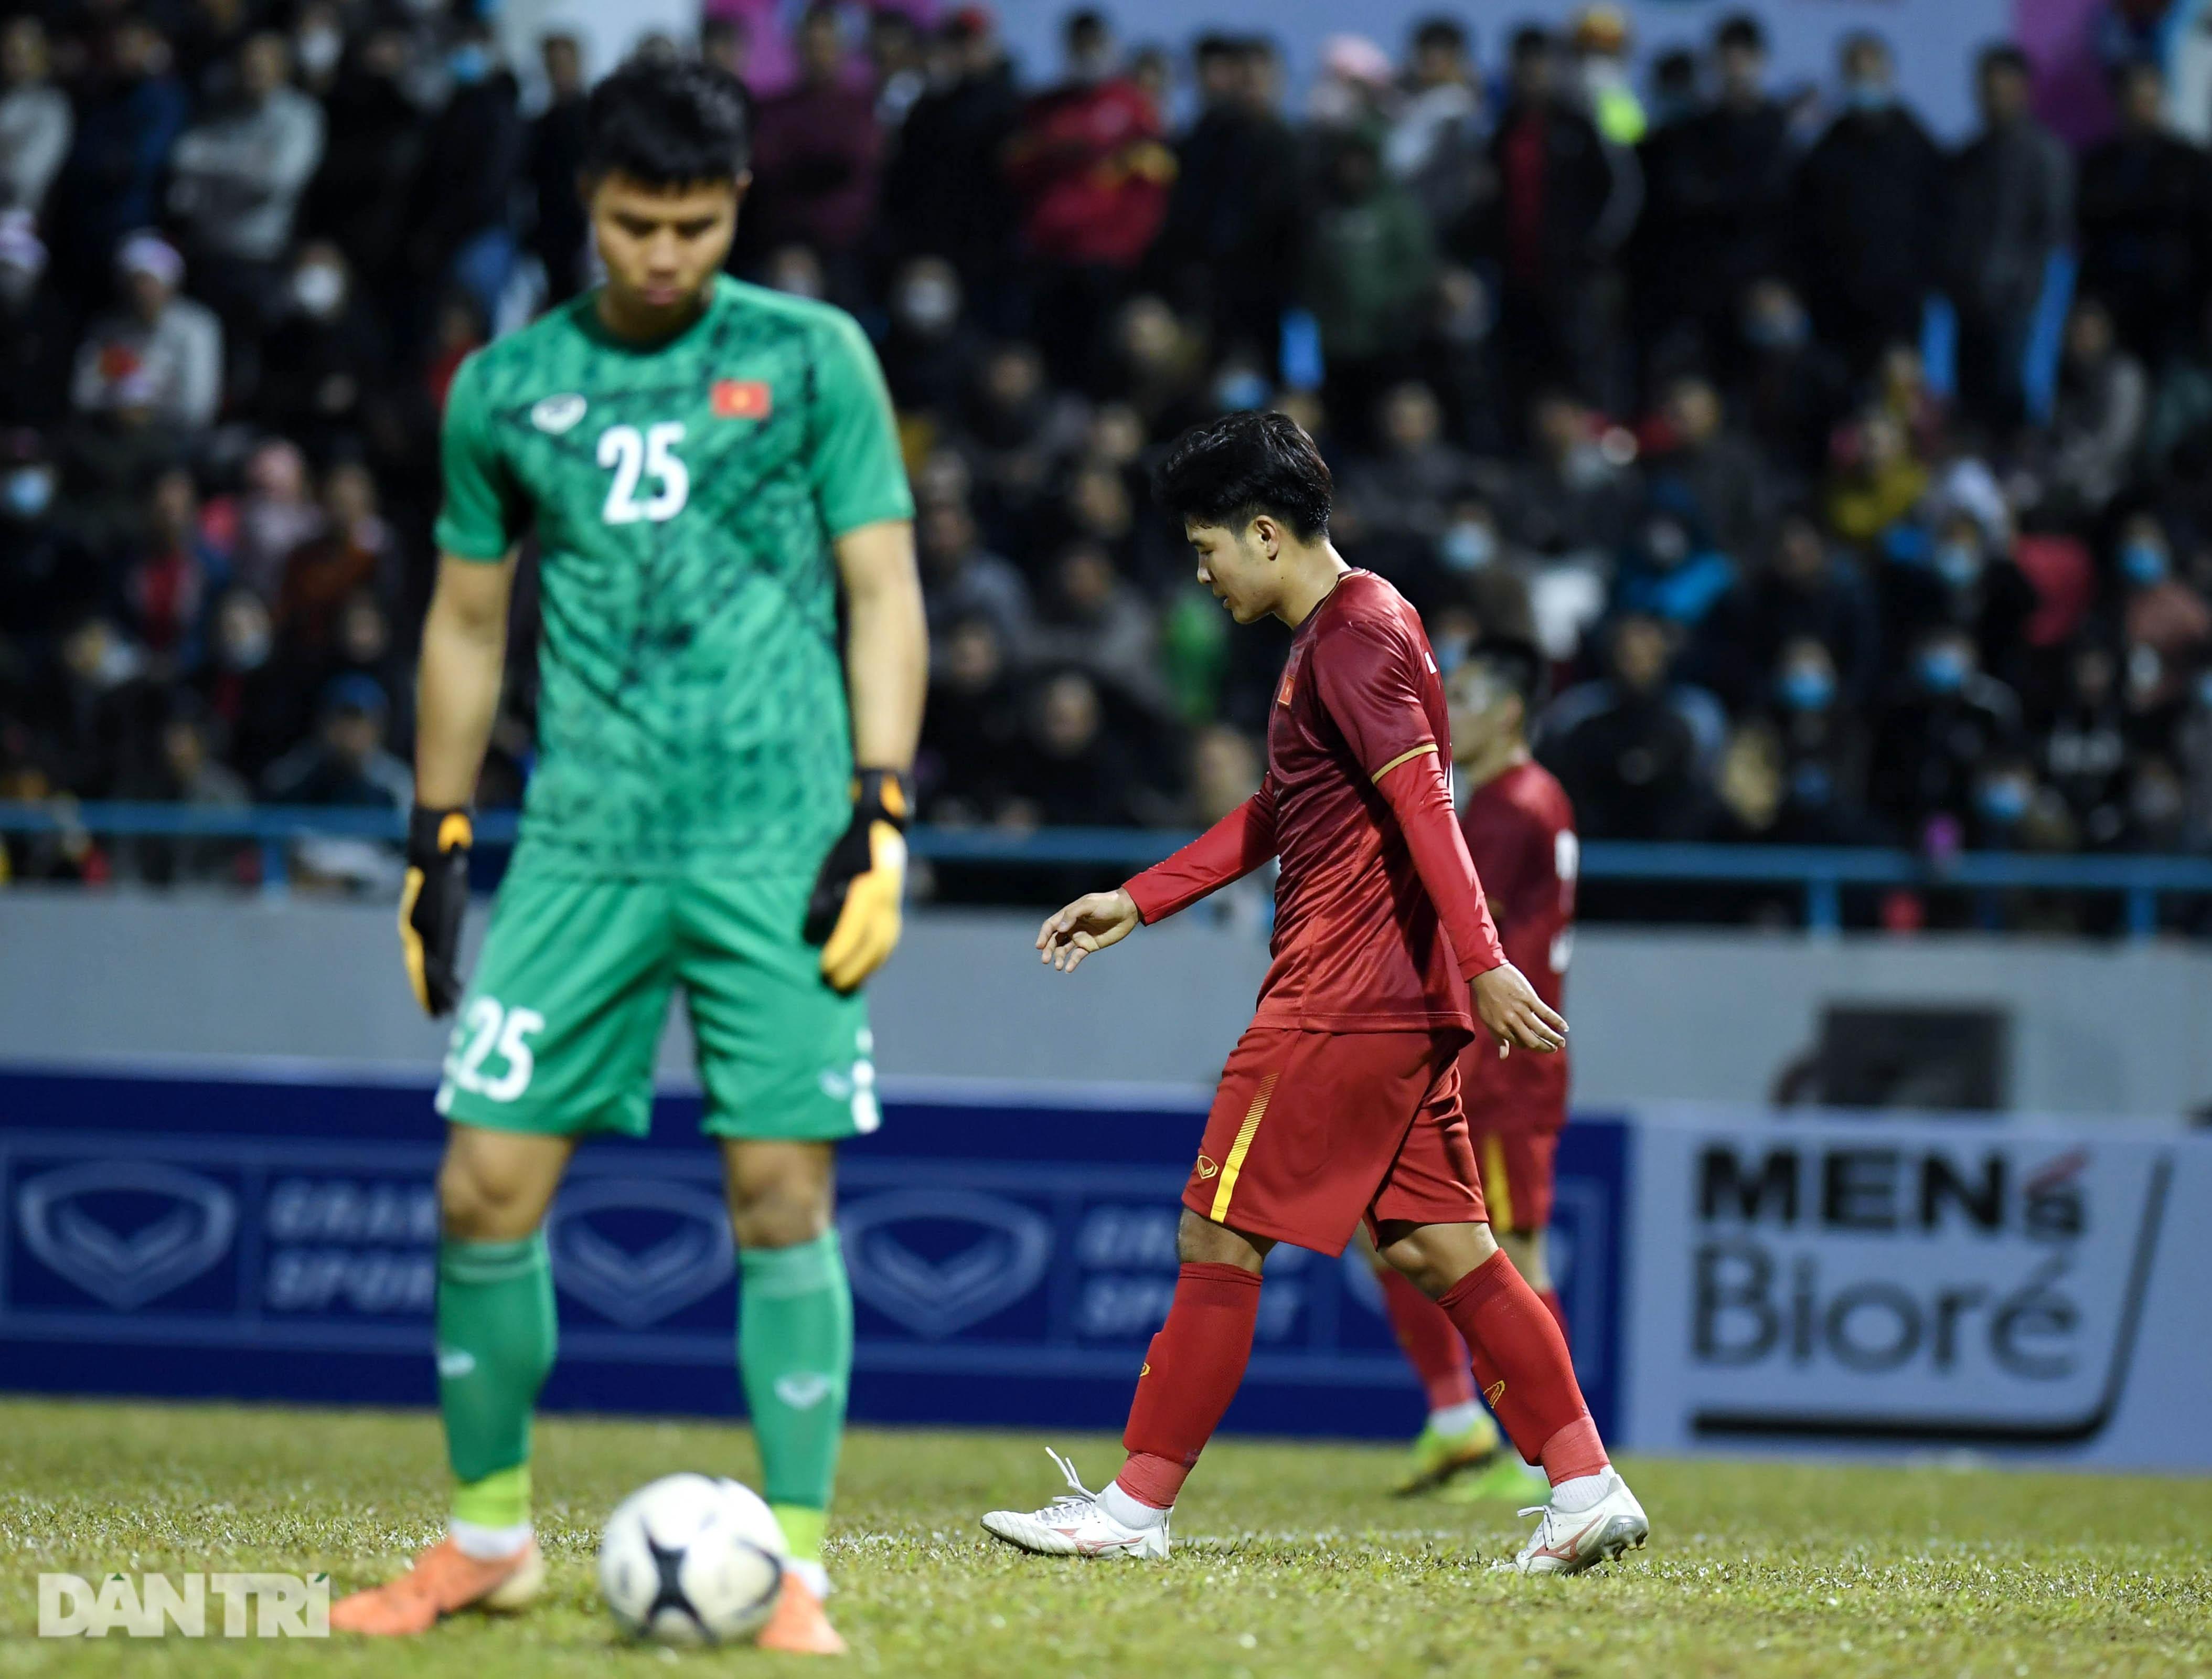 Văn Quyết ghi điểm trong chiến thắng của tuyển Việt Nam trước đàn em U22 - 24